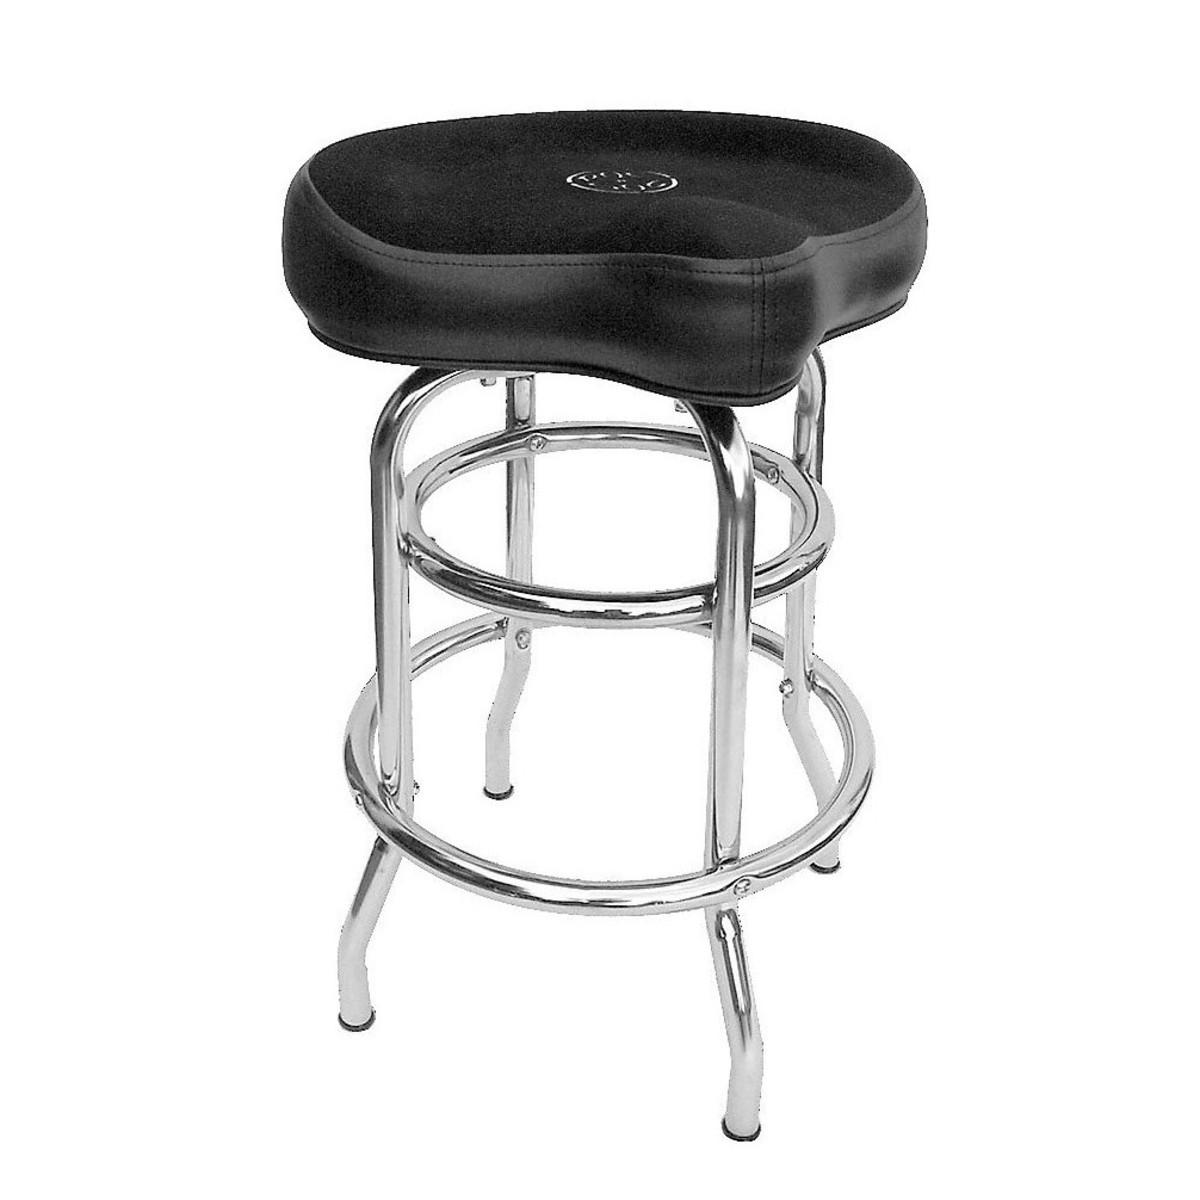 roc n soc tower stool short 26 black at. Black Bedroom Furniture Sets. Home Design Ideas